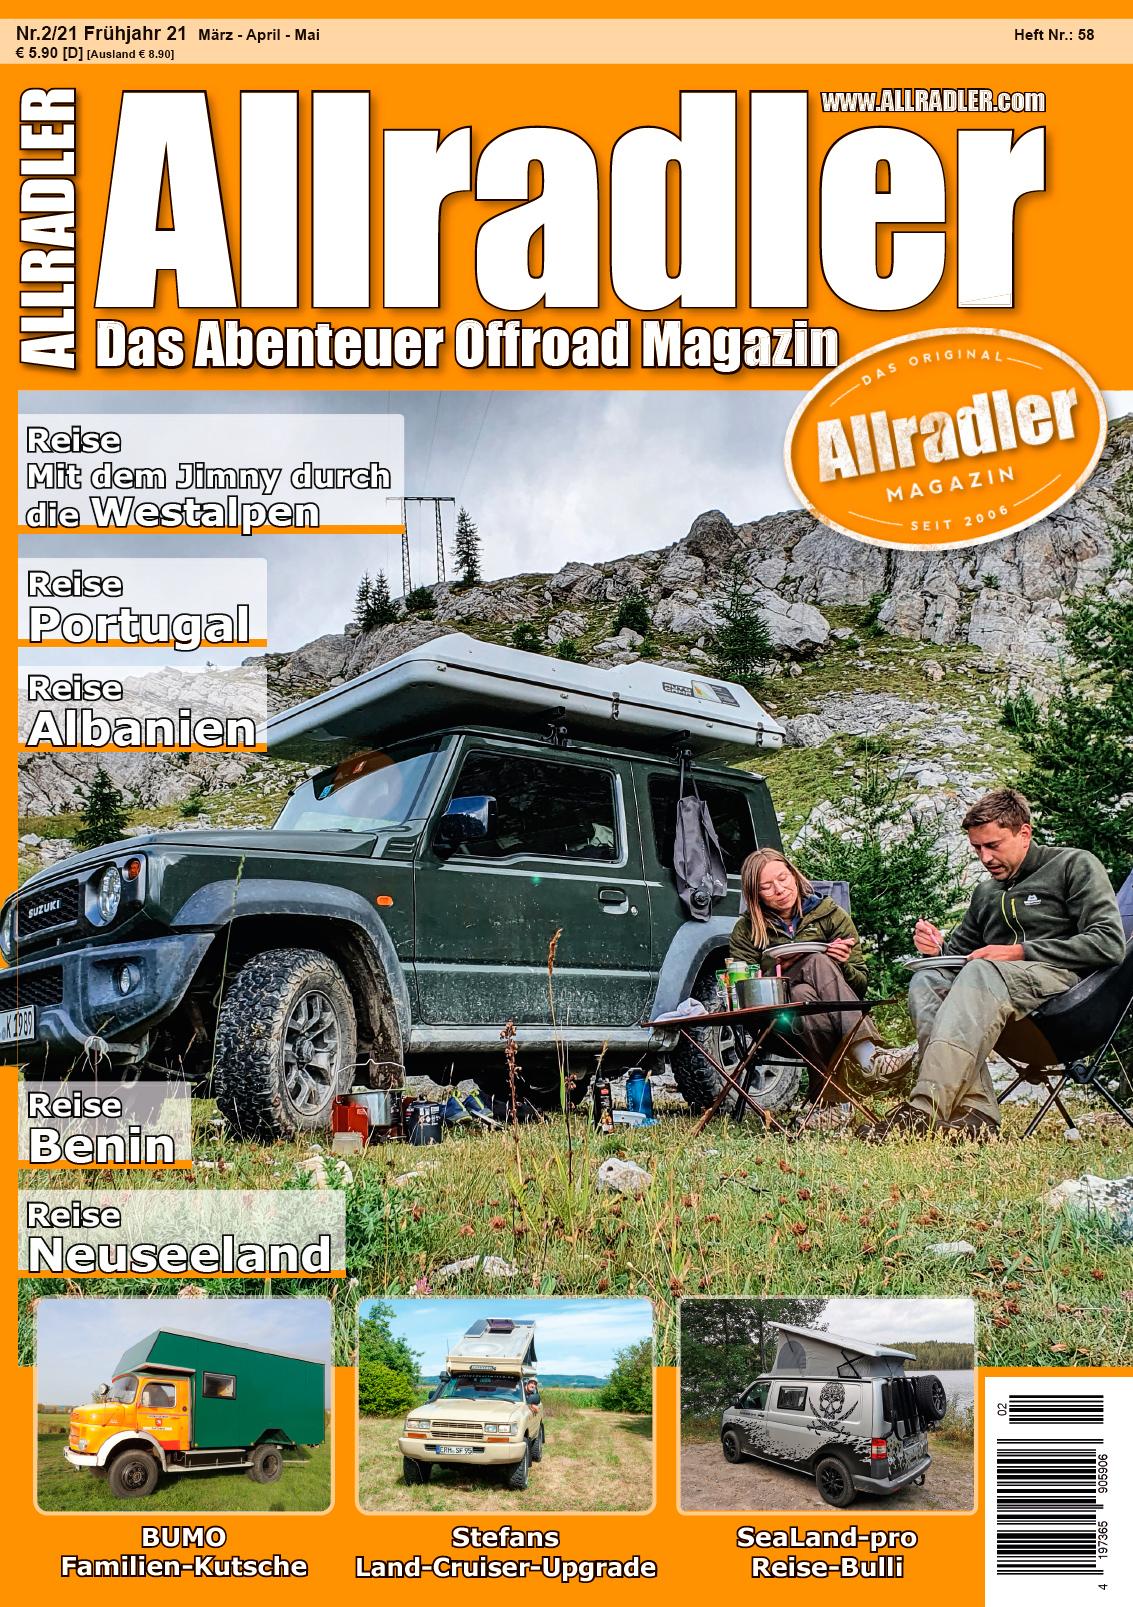 SeaLand-pro Allradler dasAbenteuer Offroad Magazin